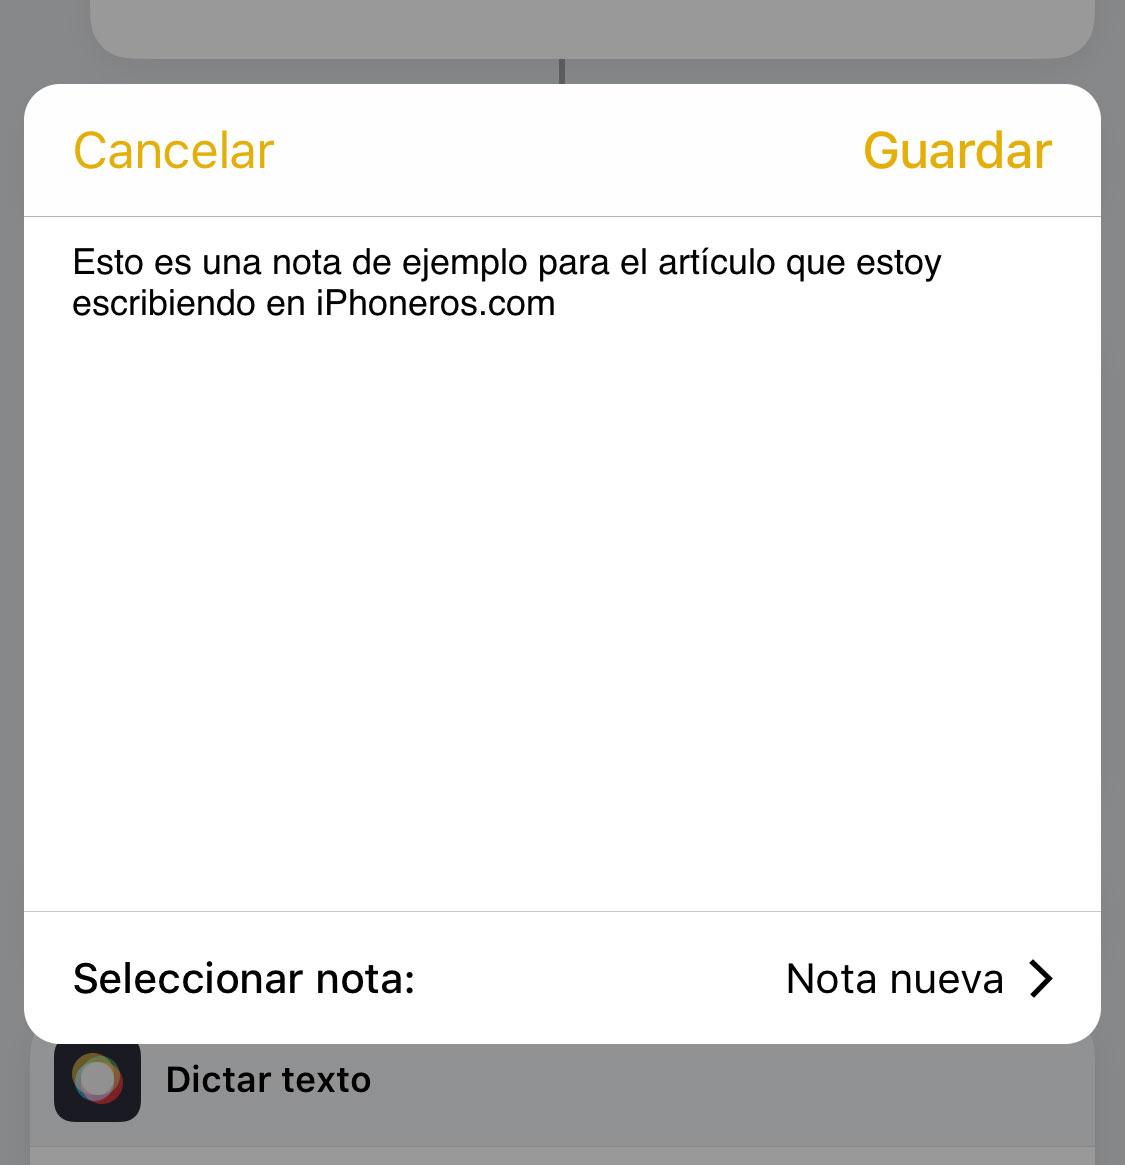 Dictando audio desde la App de Notas